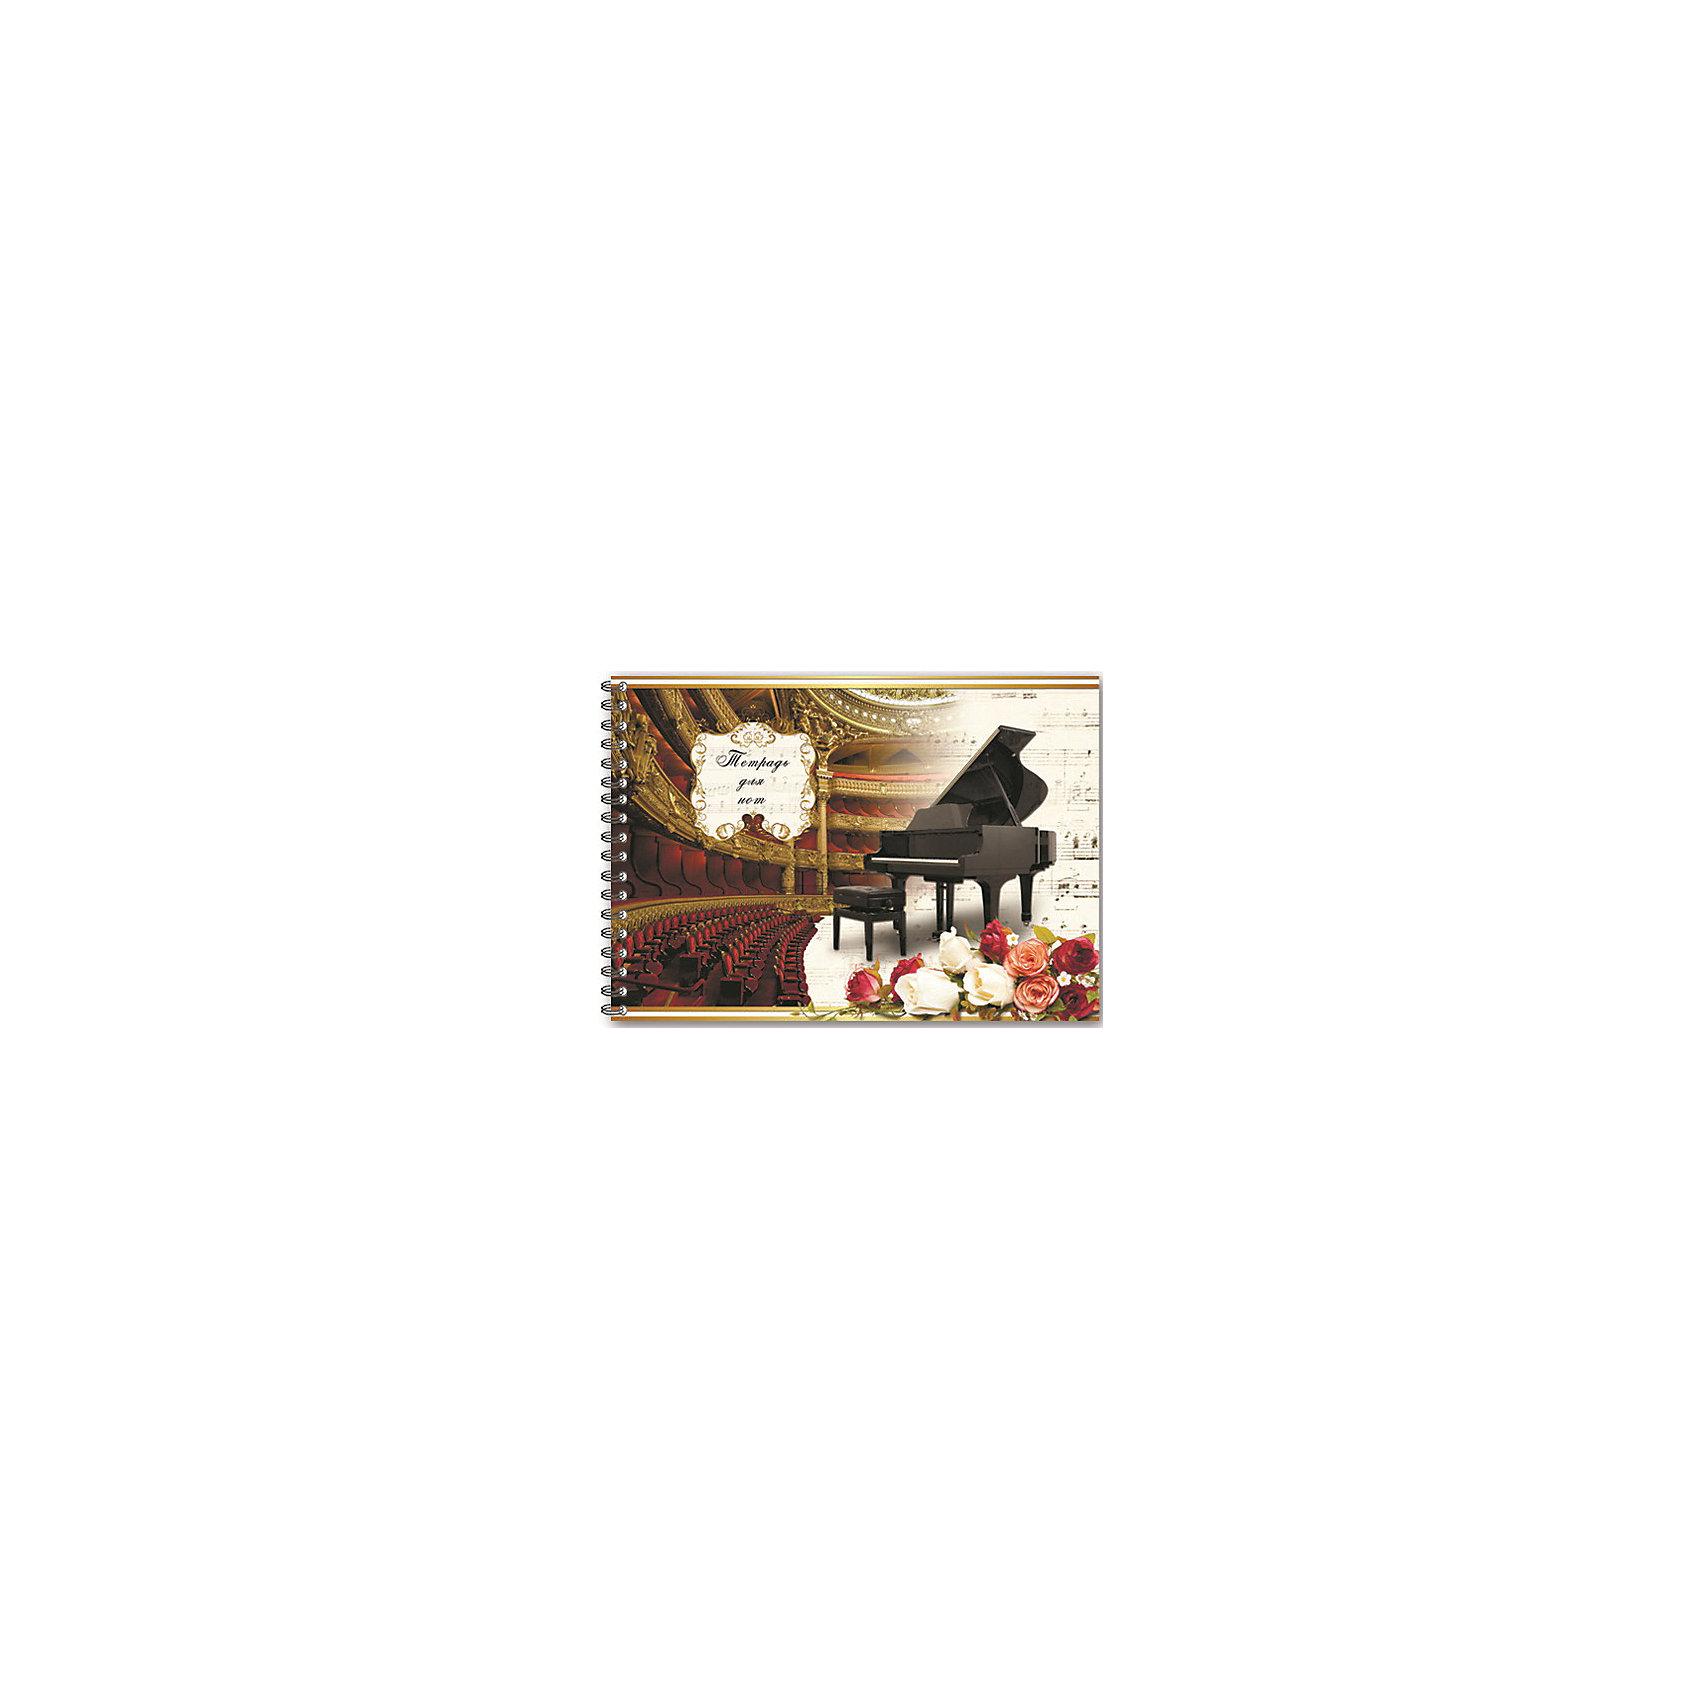 Тетрадь для нот Рояль в залеБумажная продукция<br>Тетрадь для нот в яркой, привлекательной обложке обязательно порадует юного музыканта. Тетрадь имеет плотные белые листы, обложку из мелованного картона и удобный формат. Работать в ней - одно удовольствие!<br><br>Дополнительная информация:<br><br>- Формат: А4.<br>- Количество листов: 48.<br>- Обложка: мелованный картон. <br>- Крепление: гребень.  <br><br>Тетрадь для нот Рояль в зале можно купить в нашем магазине.<br><br>Ширина мм: 300<br>Глубина мм: 210<br>Высота мм: 5<br>Вес г: 235<br>Возраст от месяцев: 72<br>Возраст до месяцев: 168<br>Пол: Унисекс<br>Возраст: Детский<br>SKU: 4821661